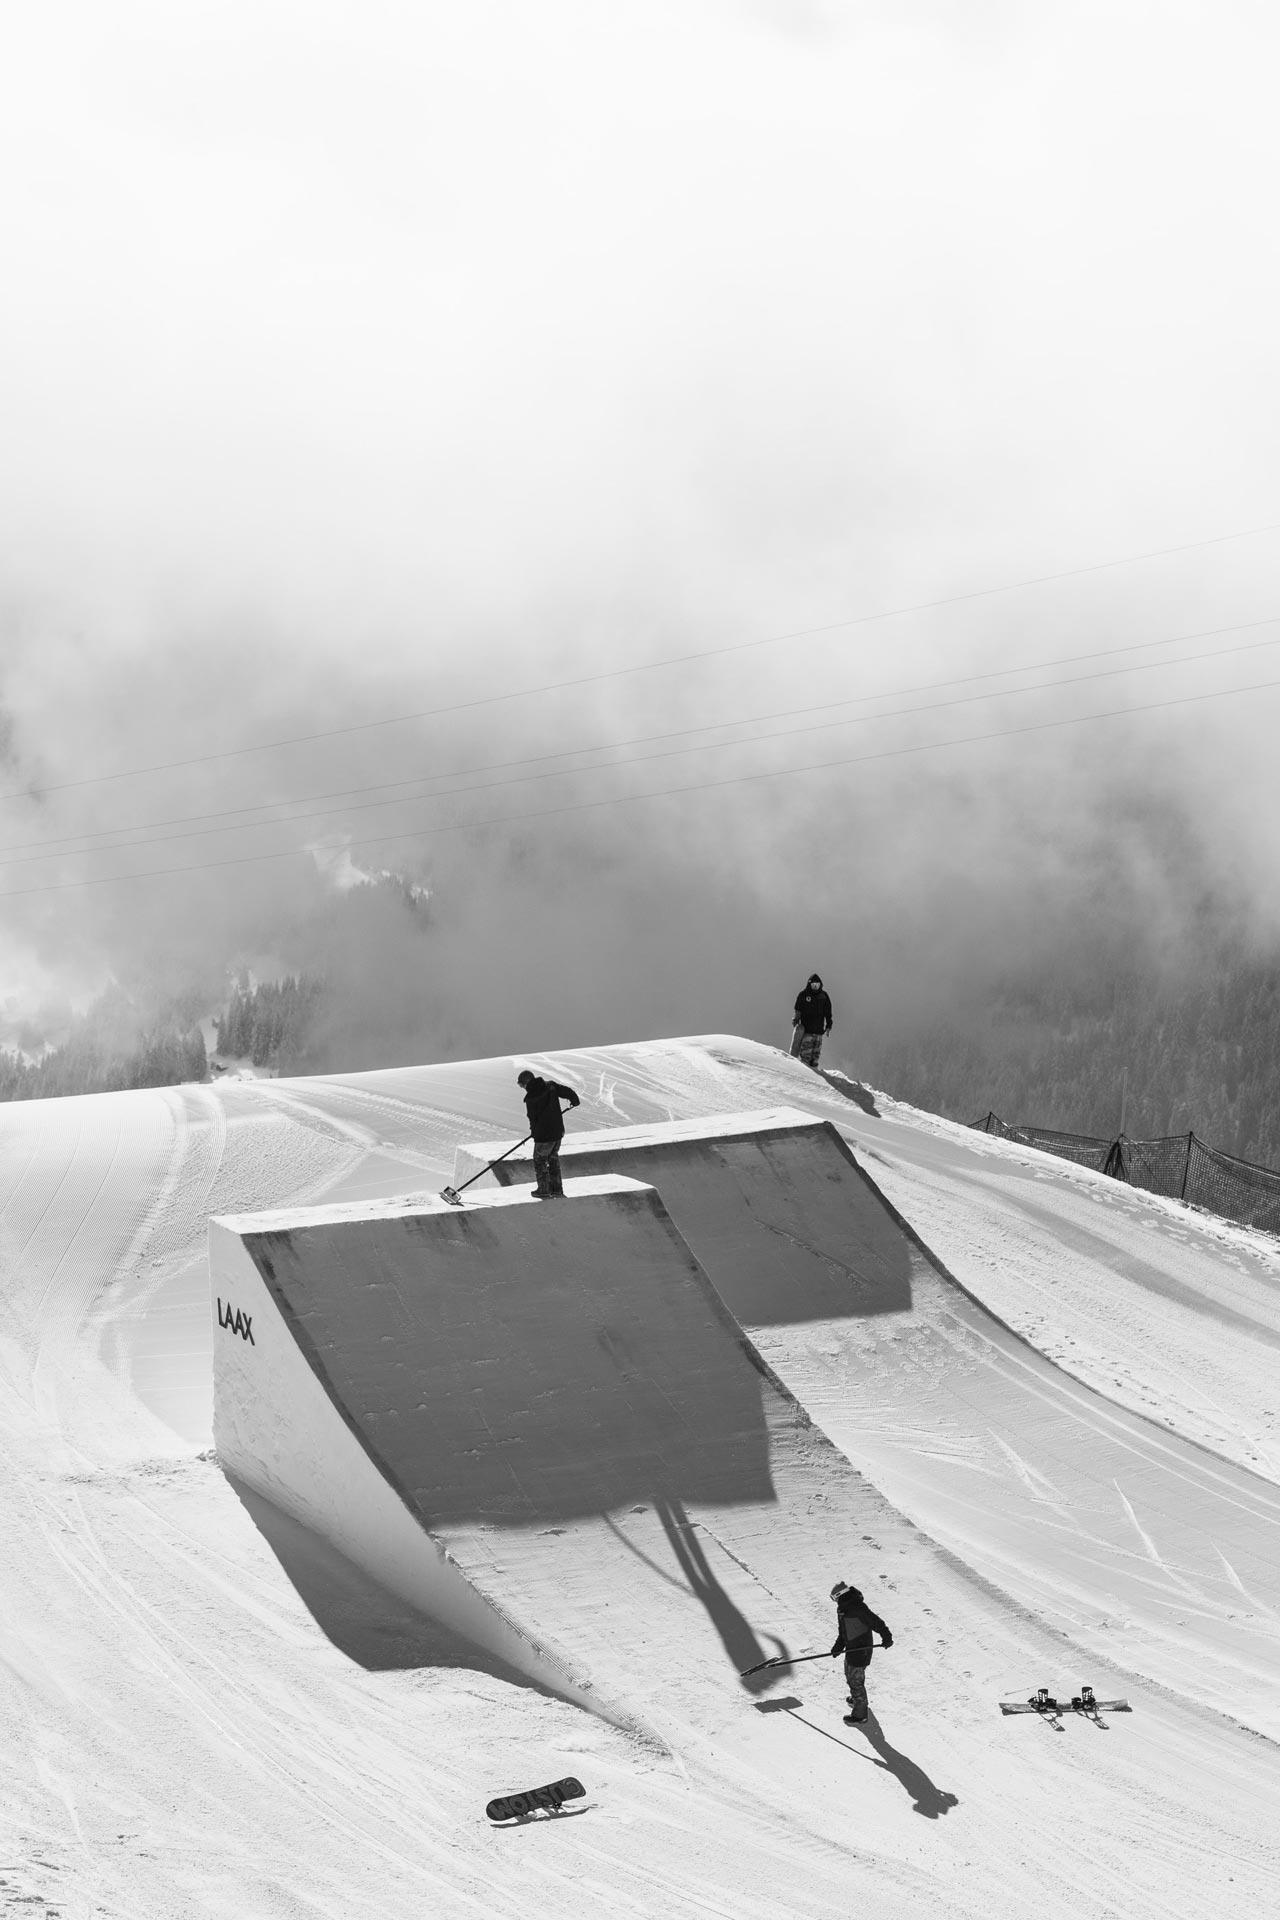 Die Shape-Crew arbeitet mit Hochdruck an einer Erweiterung des aktuellen Setups im Snowpark Laax. - Foto: M. Vikkisk